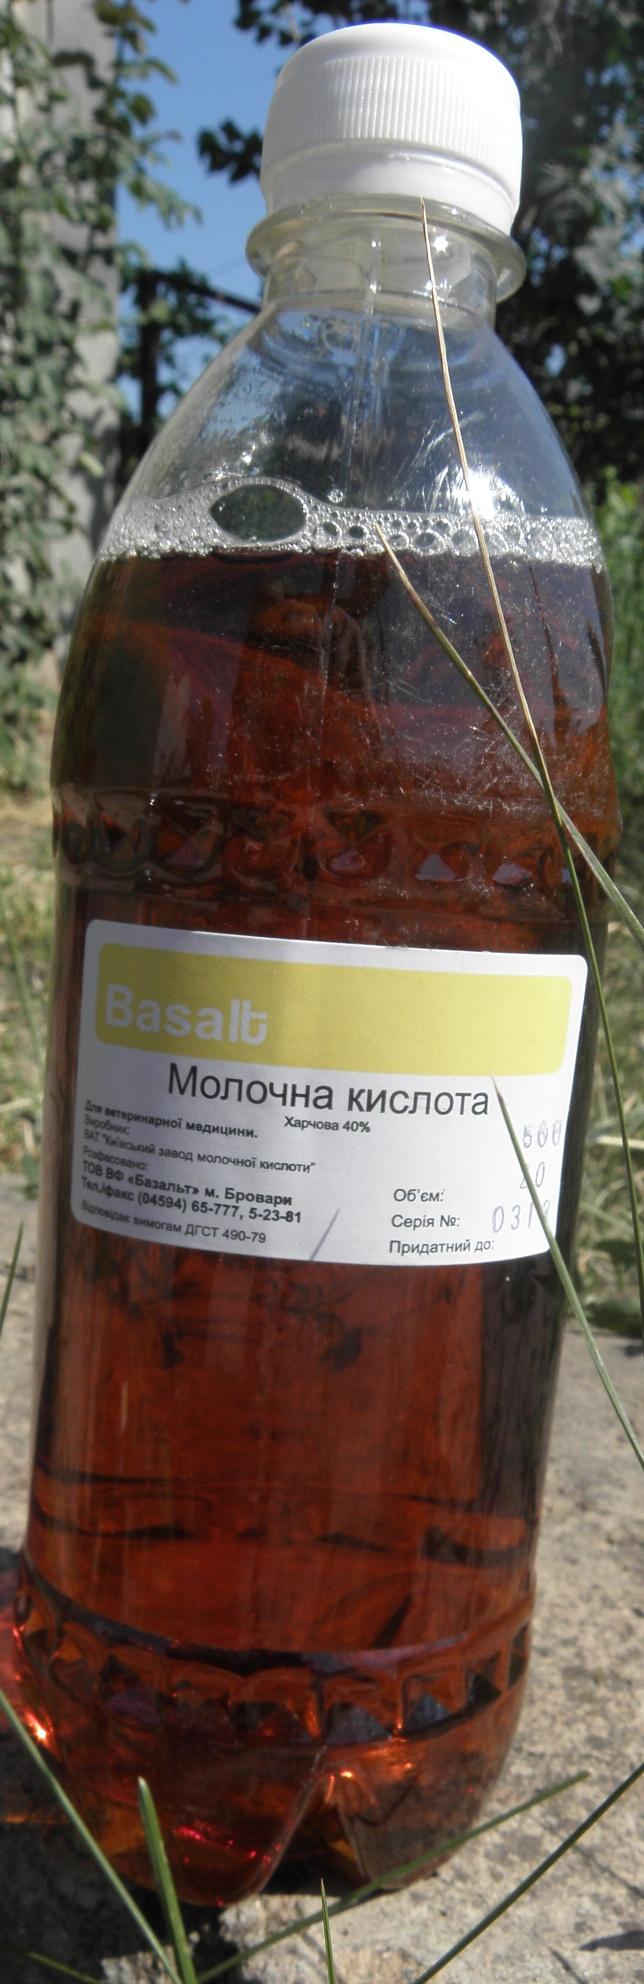 podkisliteli_vody_dlya_selskohozyajstvennyh_zhivotnyh